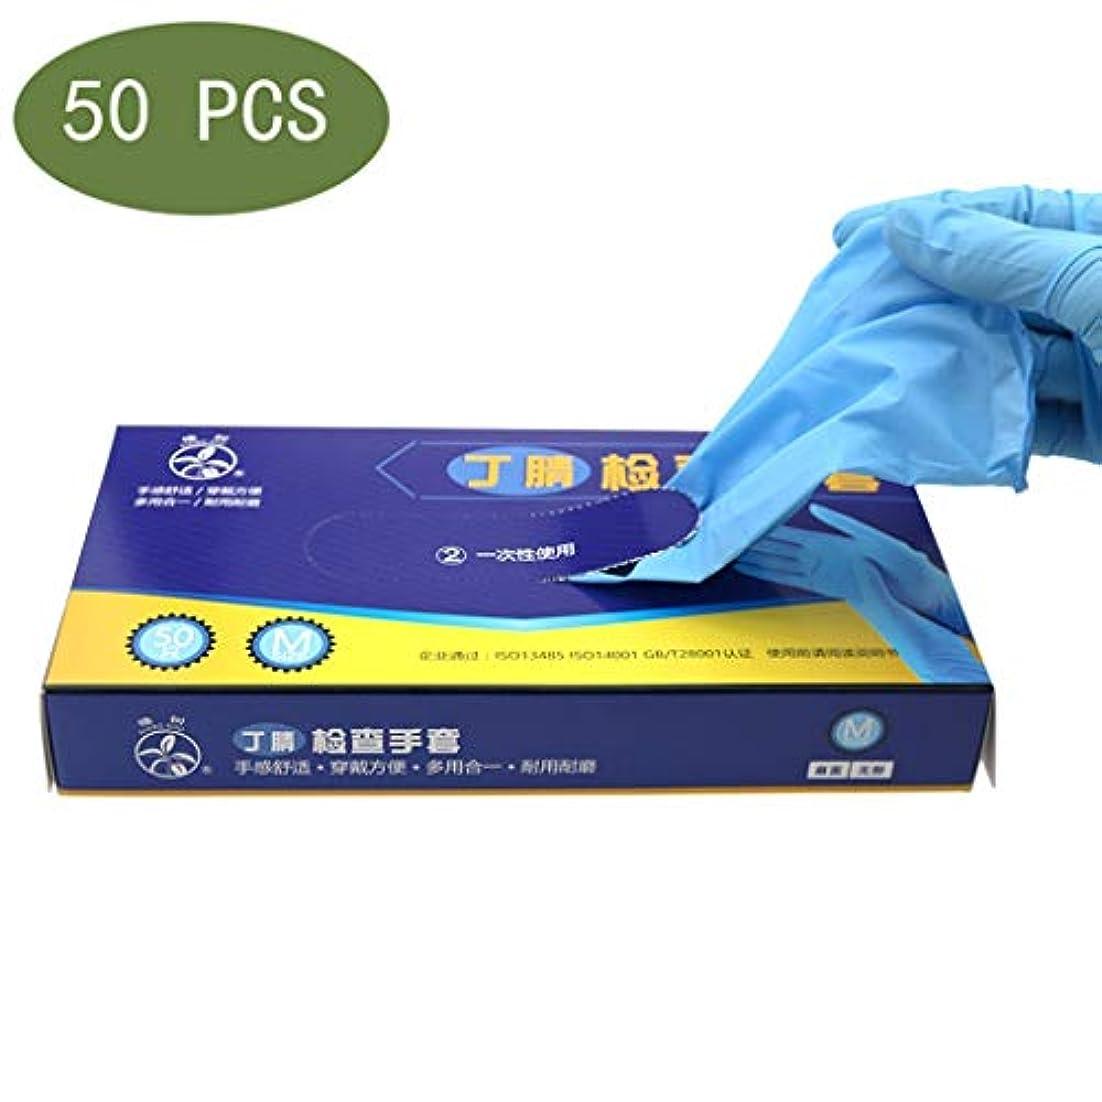 ヒロイックランデブー記事ニトリル試験手袋-医療グレード、パウダーフリー、ラテックスゴムフリー、使い捨て、非滅菌、食品安全、テクスチャー、青、3ミル、50個入り、サイズ大、家庭用クリーニング手袋 (Color : Blue, Size : S)